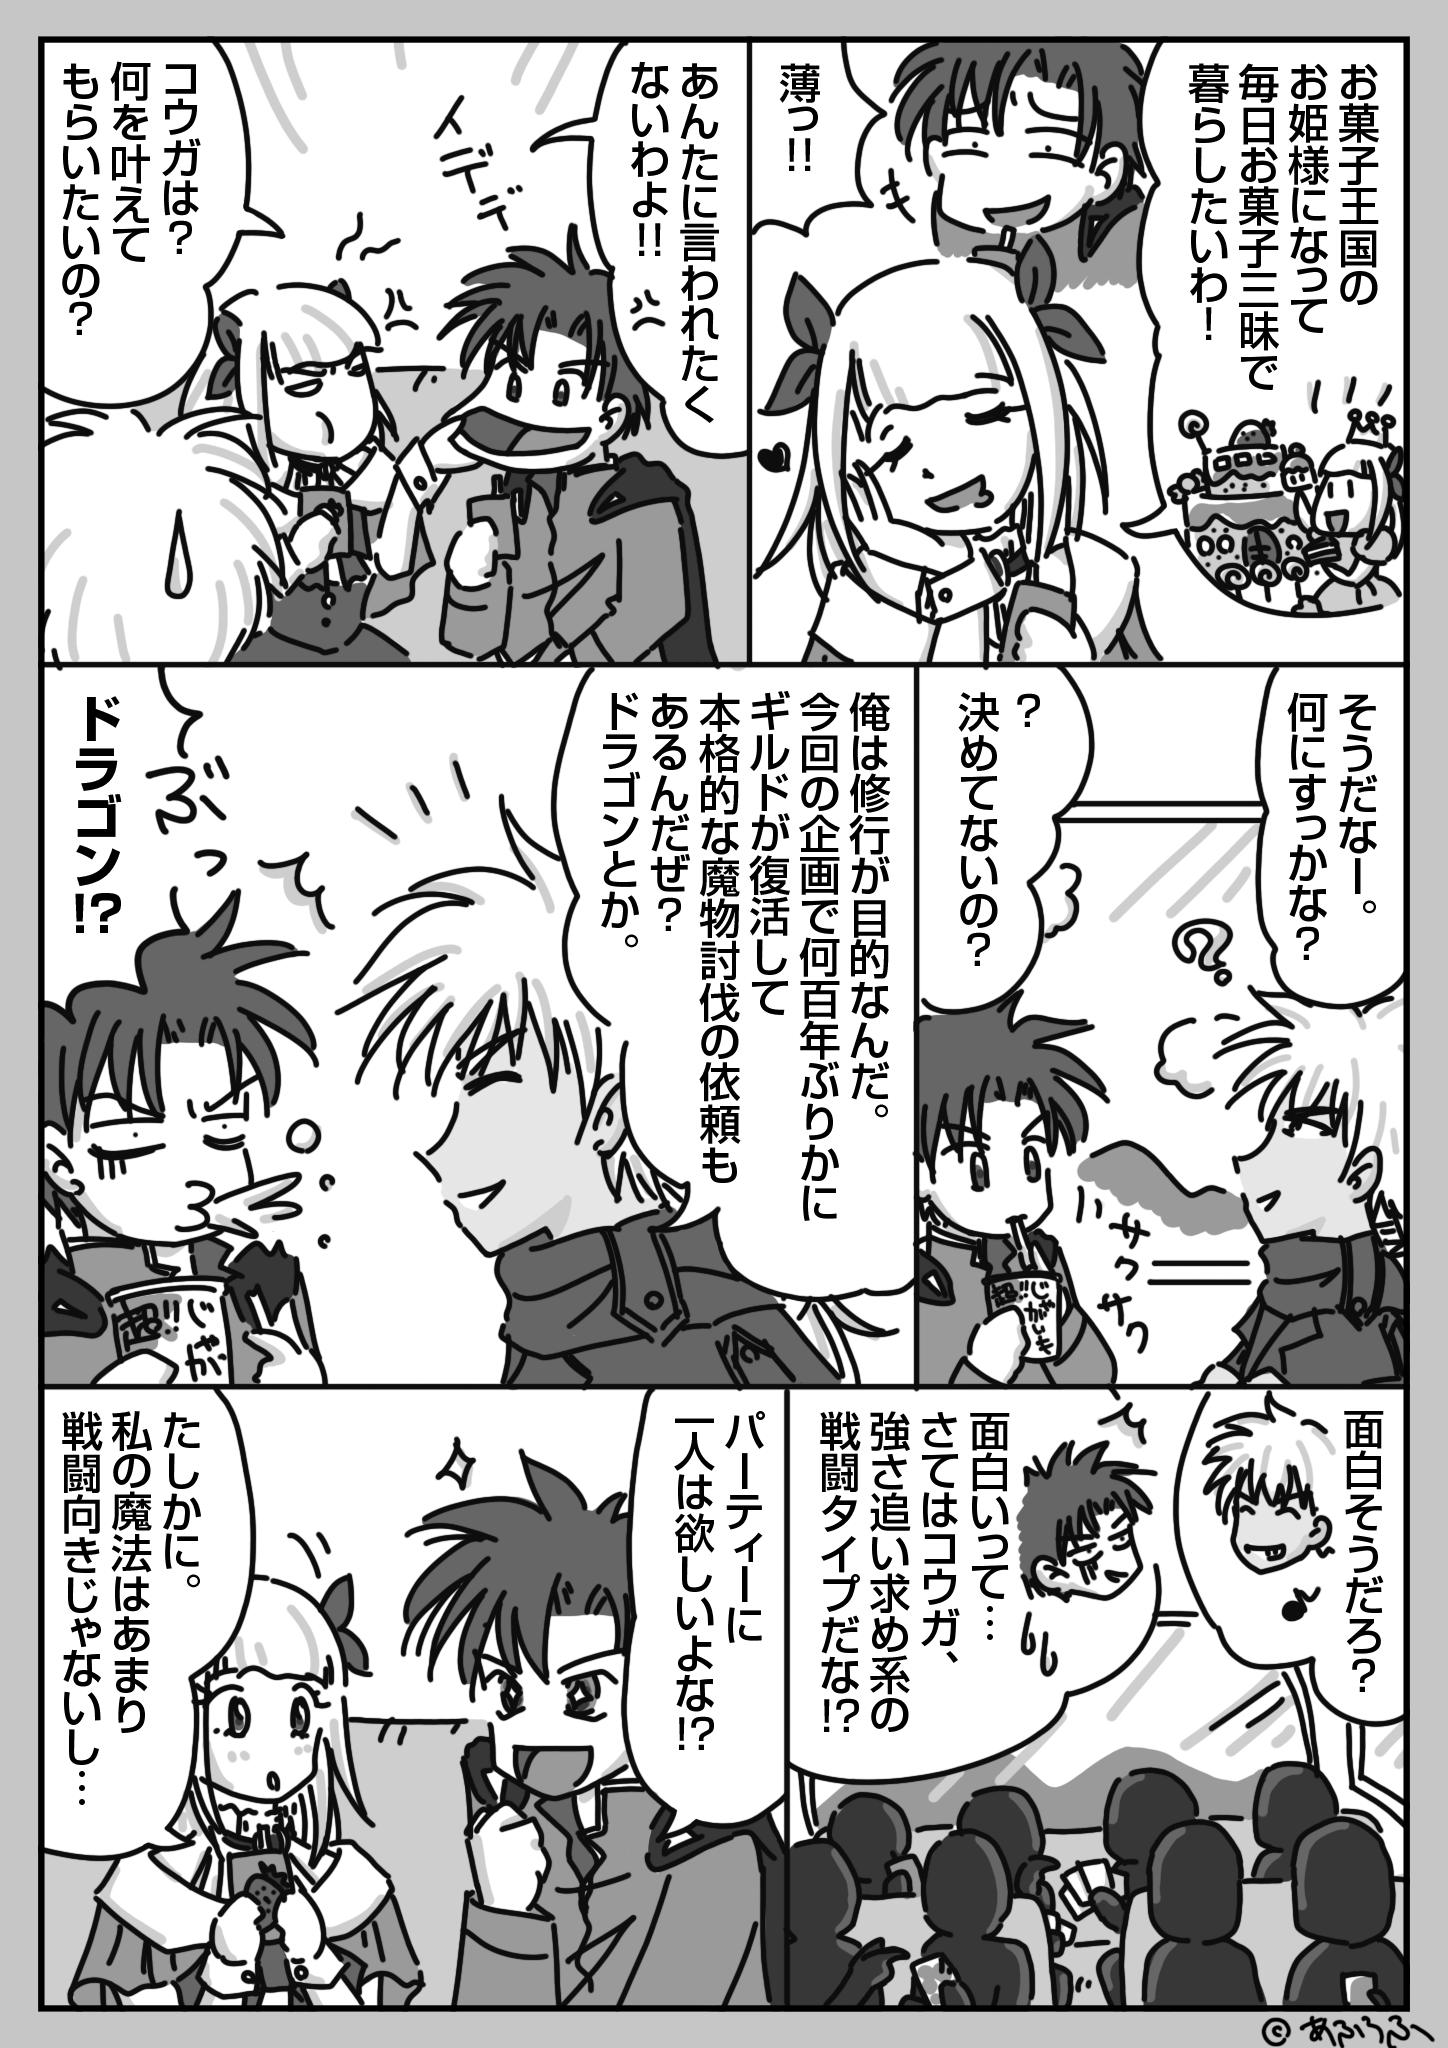 5話『大魔王城ツアーバスと暗黒タイツ軍団』(9)